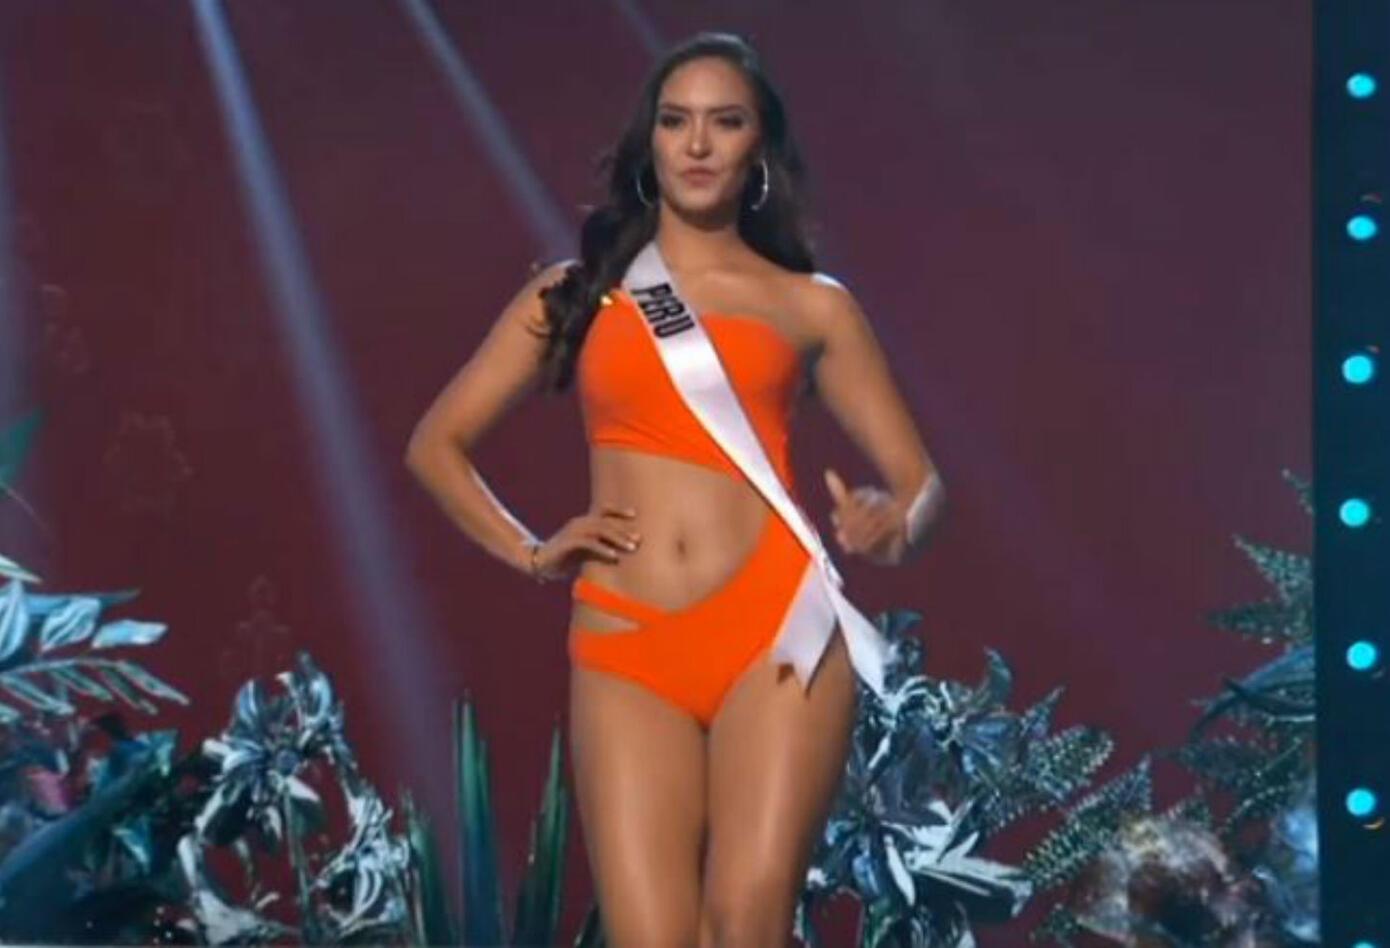 Desfile en traje de baño de Miss Perú, Romina Lozano